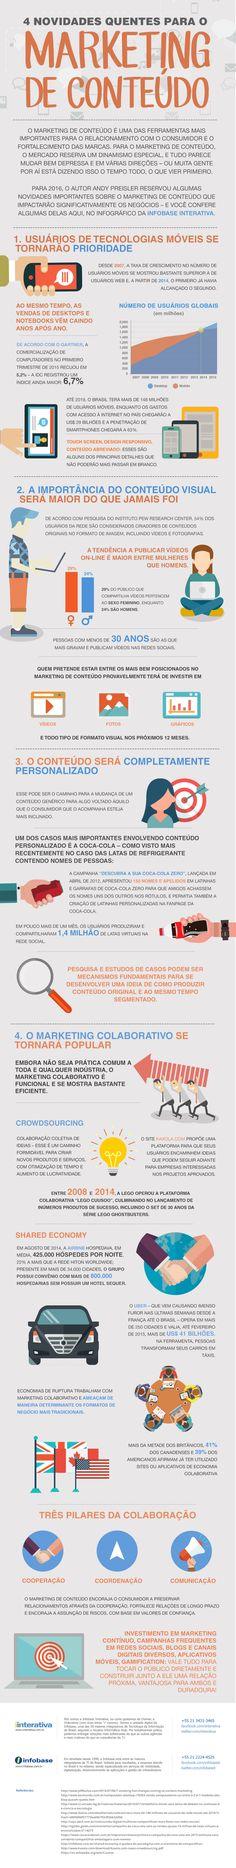 Infográfico – 4 novidades quentes para o Marketing de Conteúdo